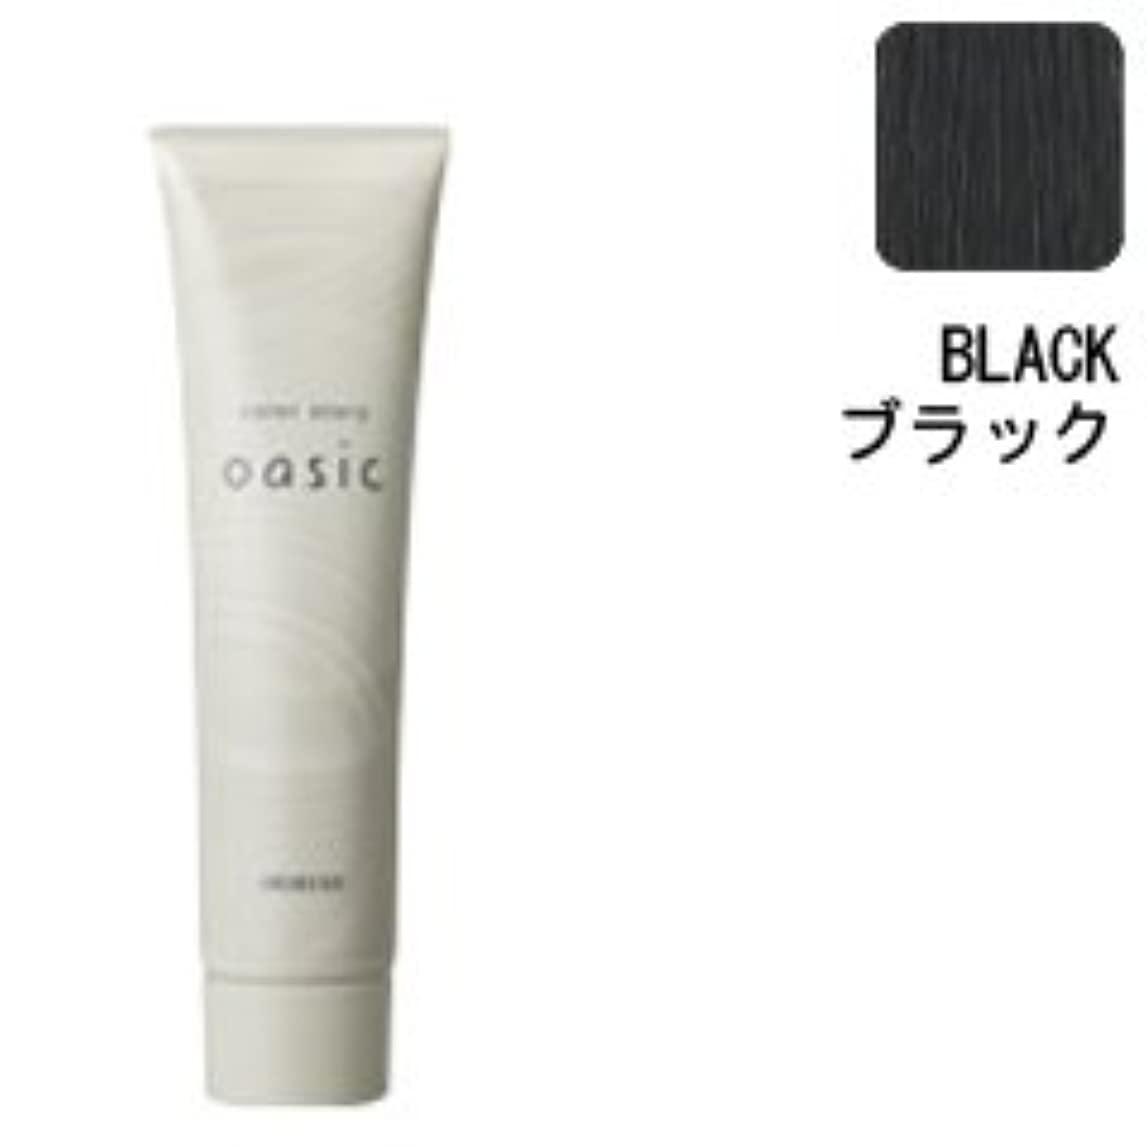 ブラインドメンテナンス排出【アリミノ】カラーストーリー オアシック BLACK (ブラック) 150g